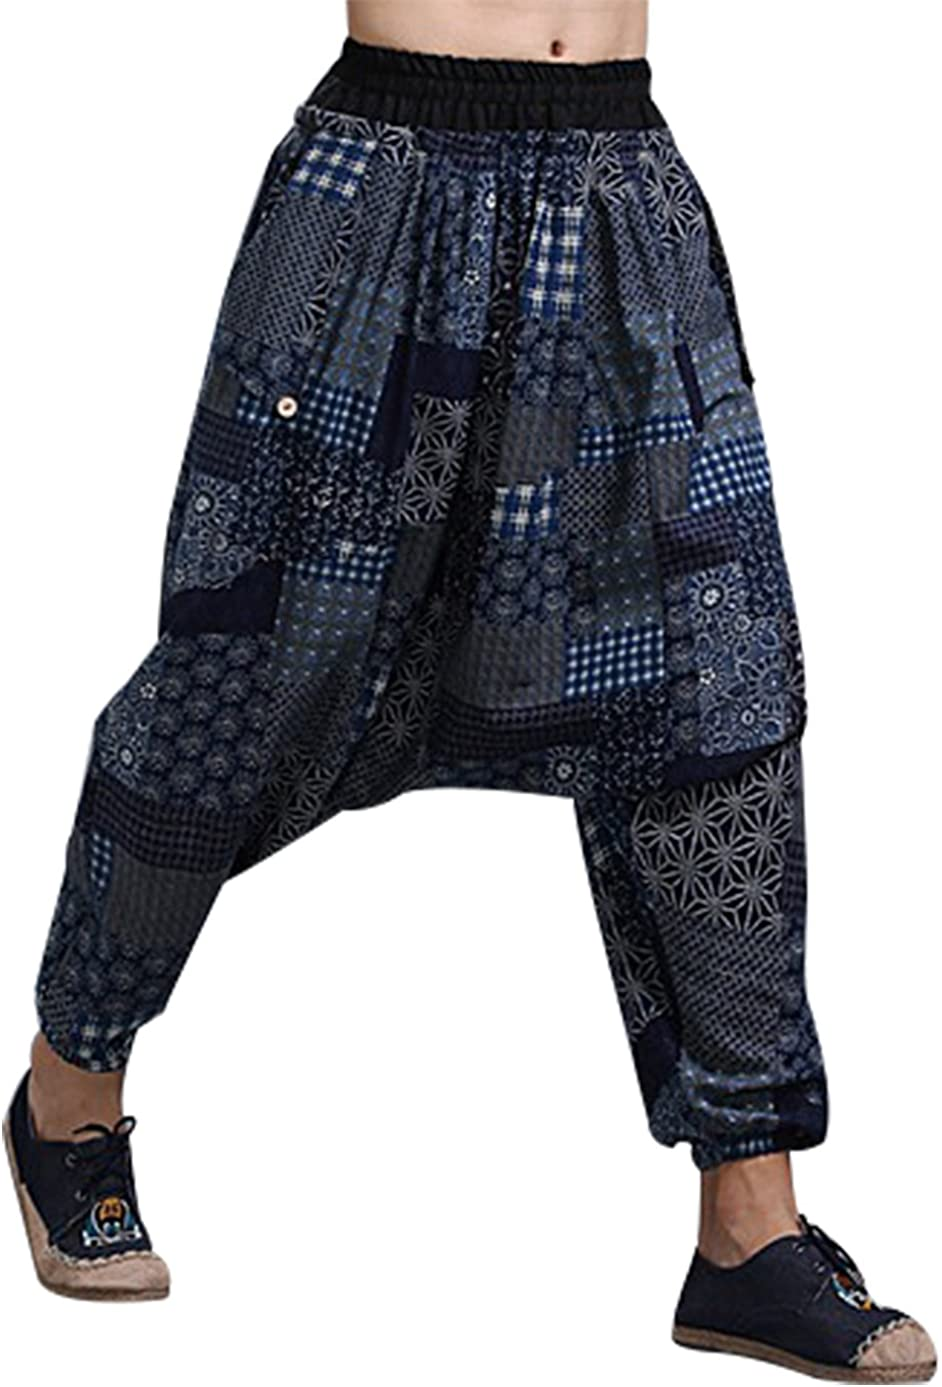 MAFANBUYI - Pantalones Bombachos Cagados Hombre Mujer Unisex para Yoga Cómodo Pantalón Cagados Ancho Harem Pants con Entrepierna Talla Única Casual